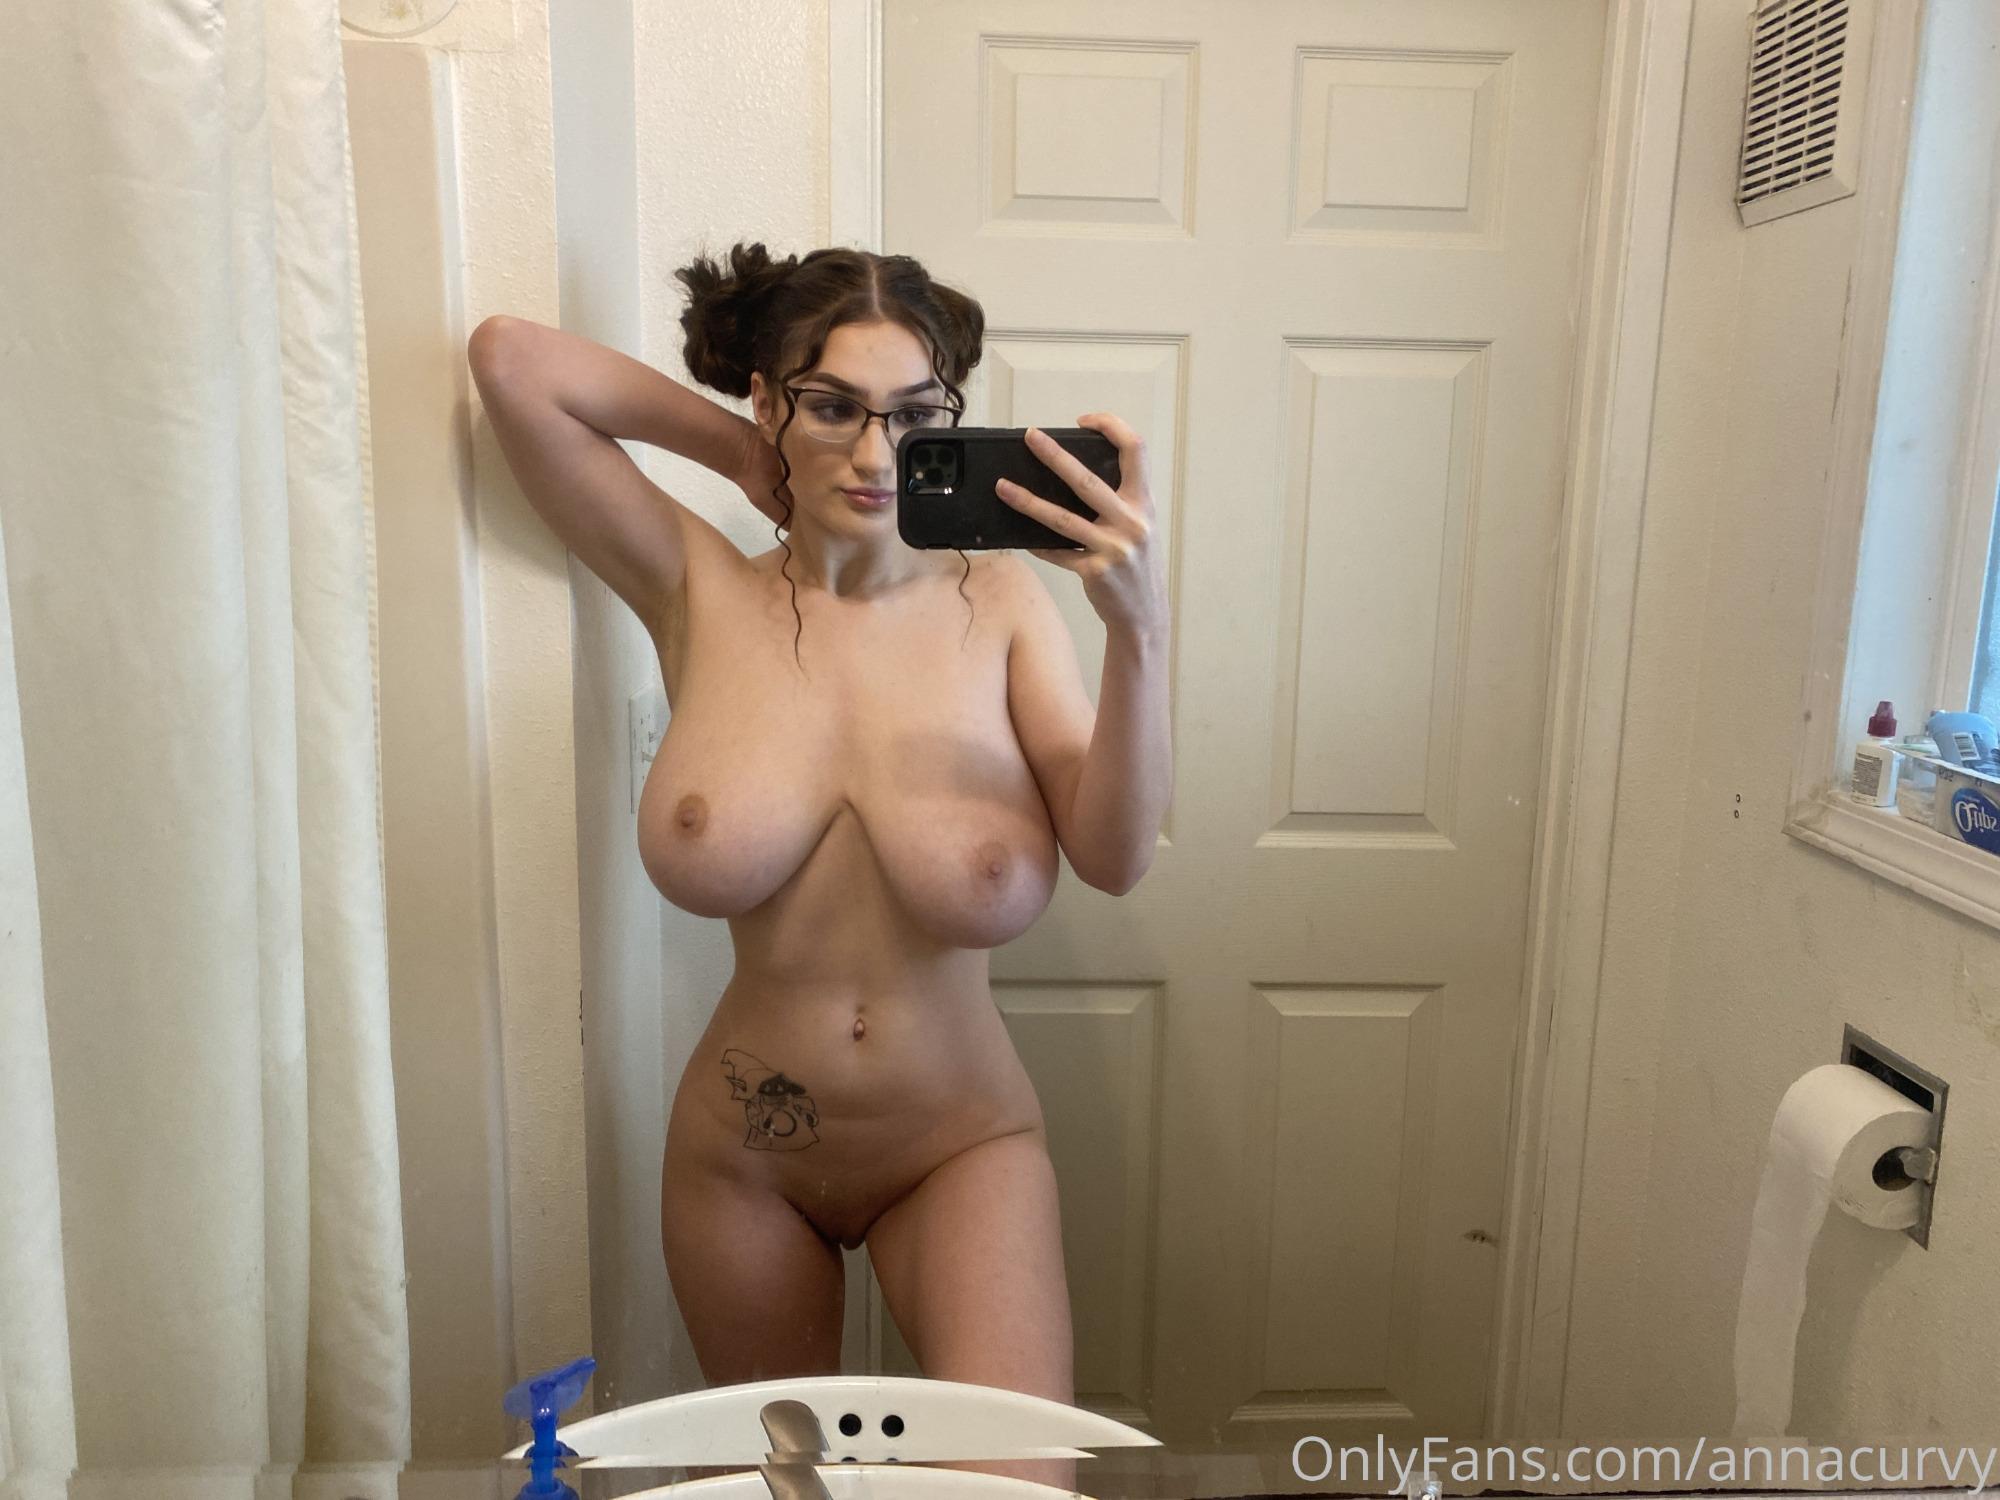 Anna Curvy tetona fotos onlyfans chicas con tetas grandes